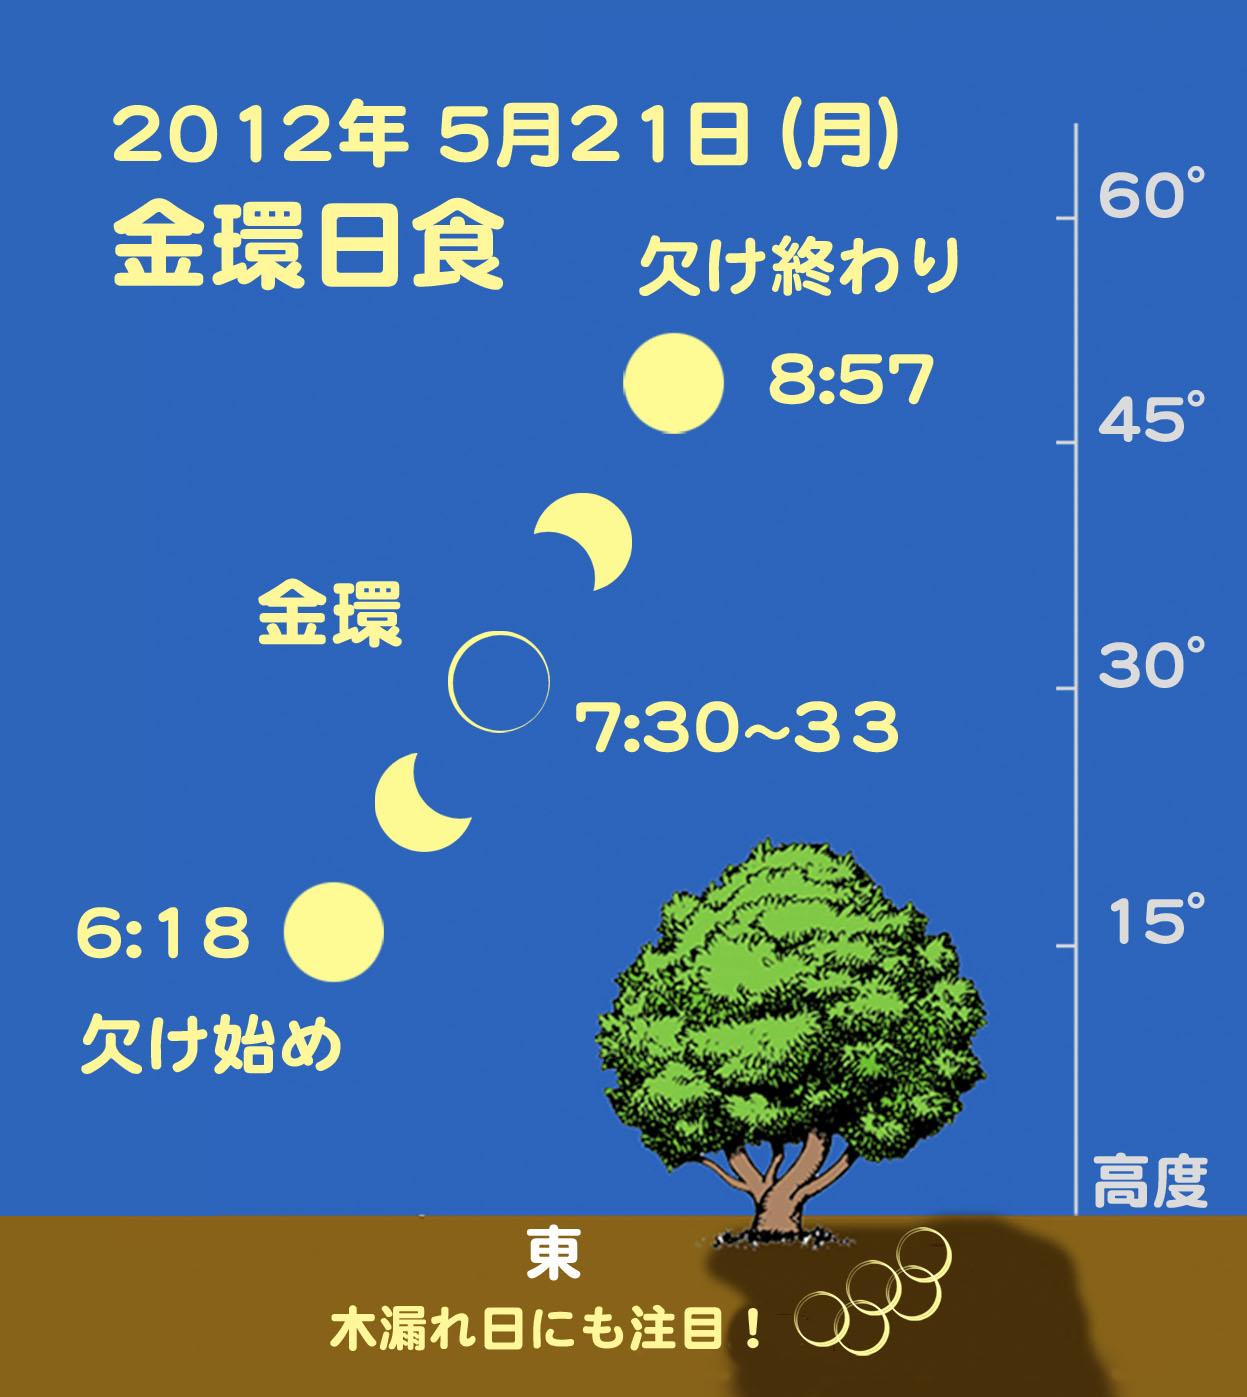 http://www.ncsm.city.nagoya.jp/study/astro/20120521%E9%87%91%E7%92%B0%E6%97%A5%E9%A3%9F.jpg